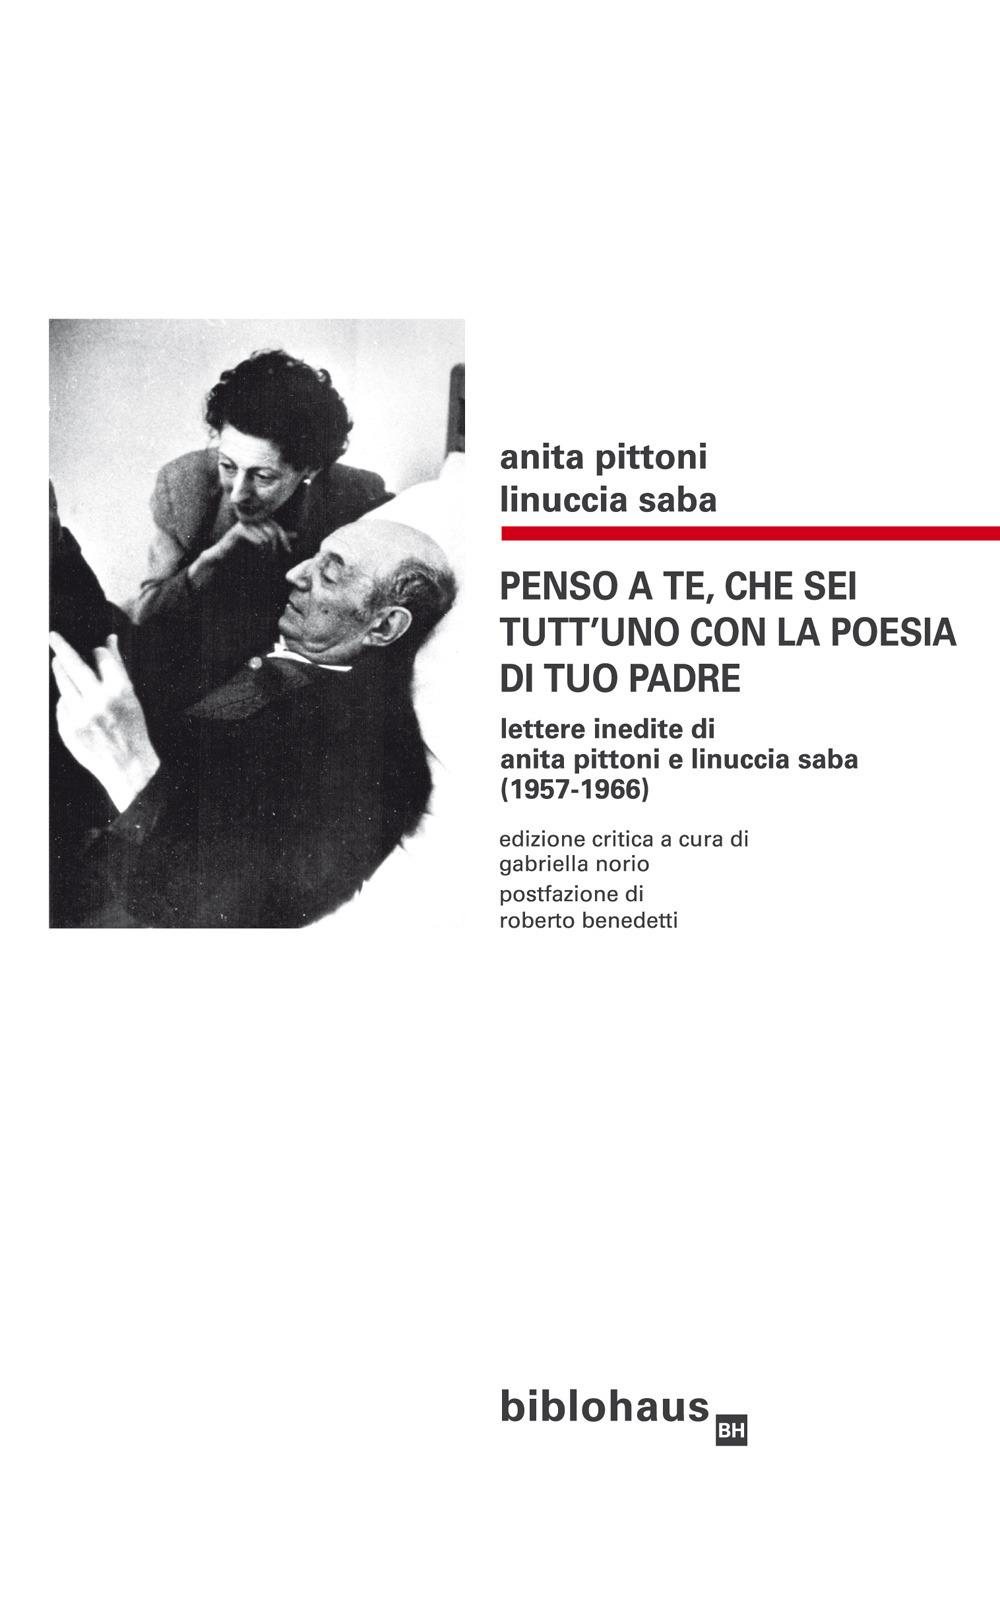 Penso a te, che sei tutt'uno con la poesia di tuo padre. Lettere inedite di Anita Pittoni e Linuccia Saba (1957-1966). Ediz. critica